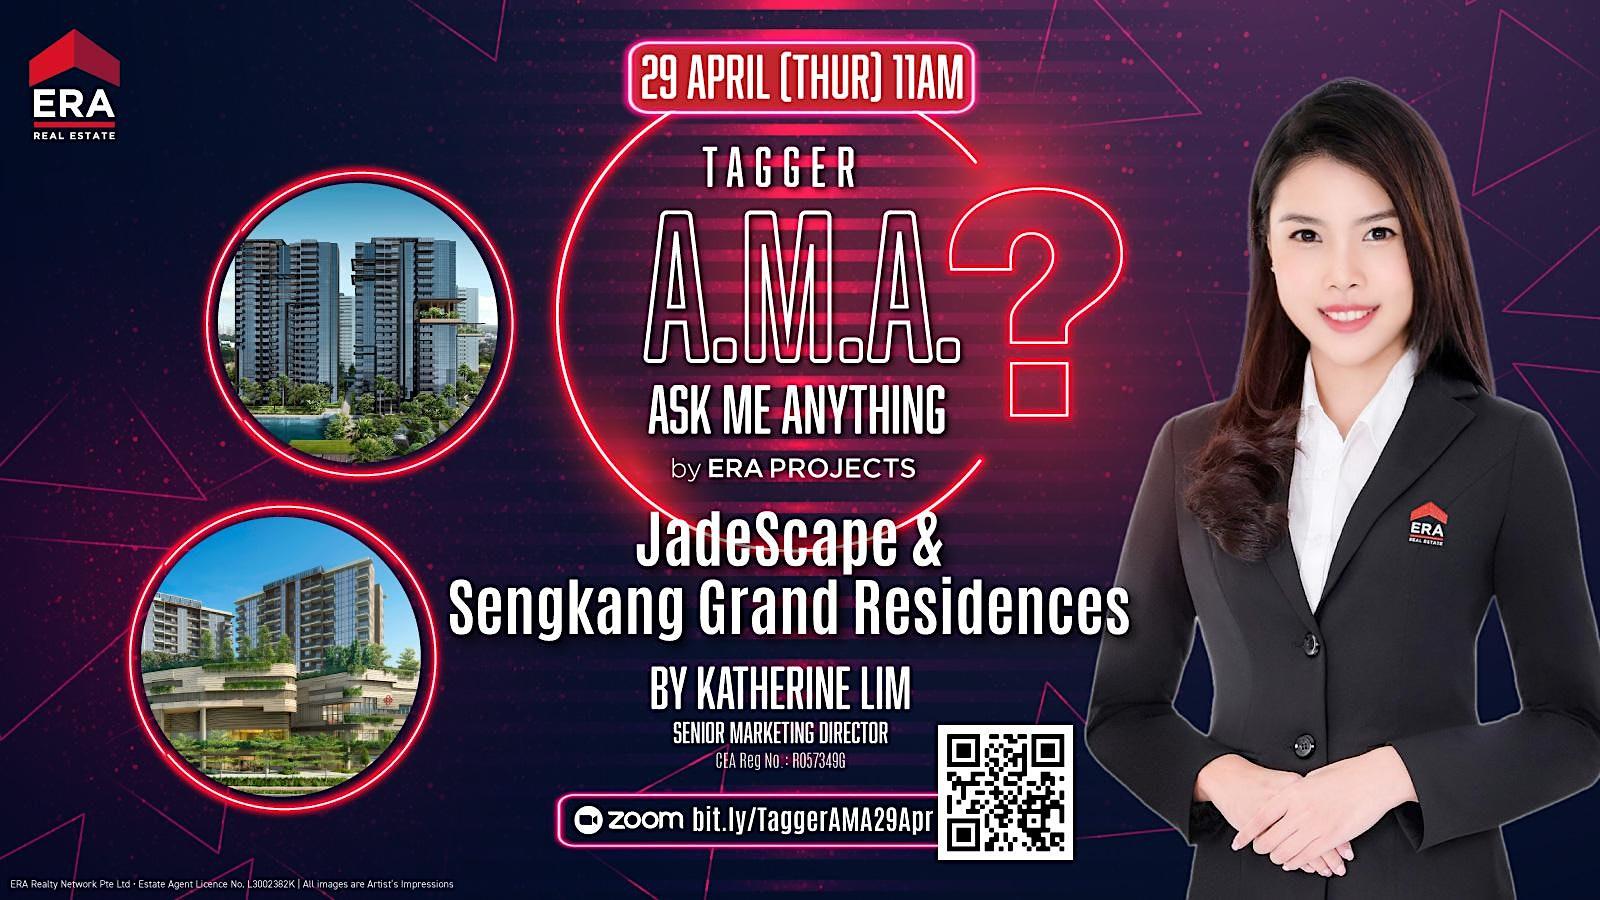 Tagger A.M.A. - Jadescape & Sengkang Grand Residences